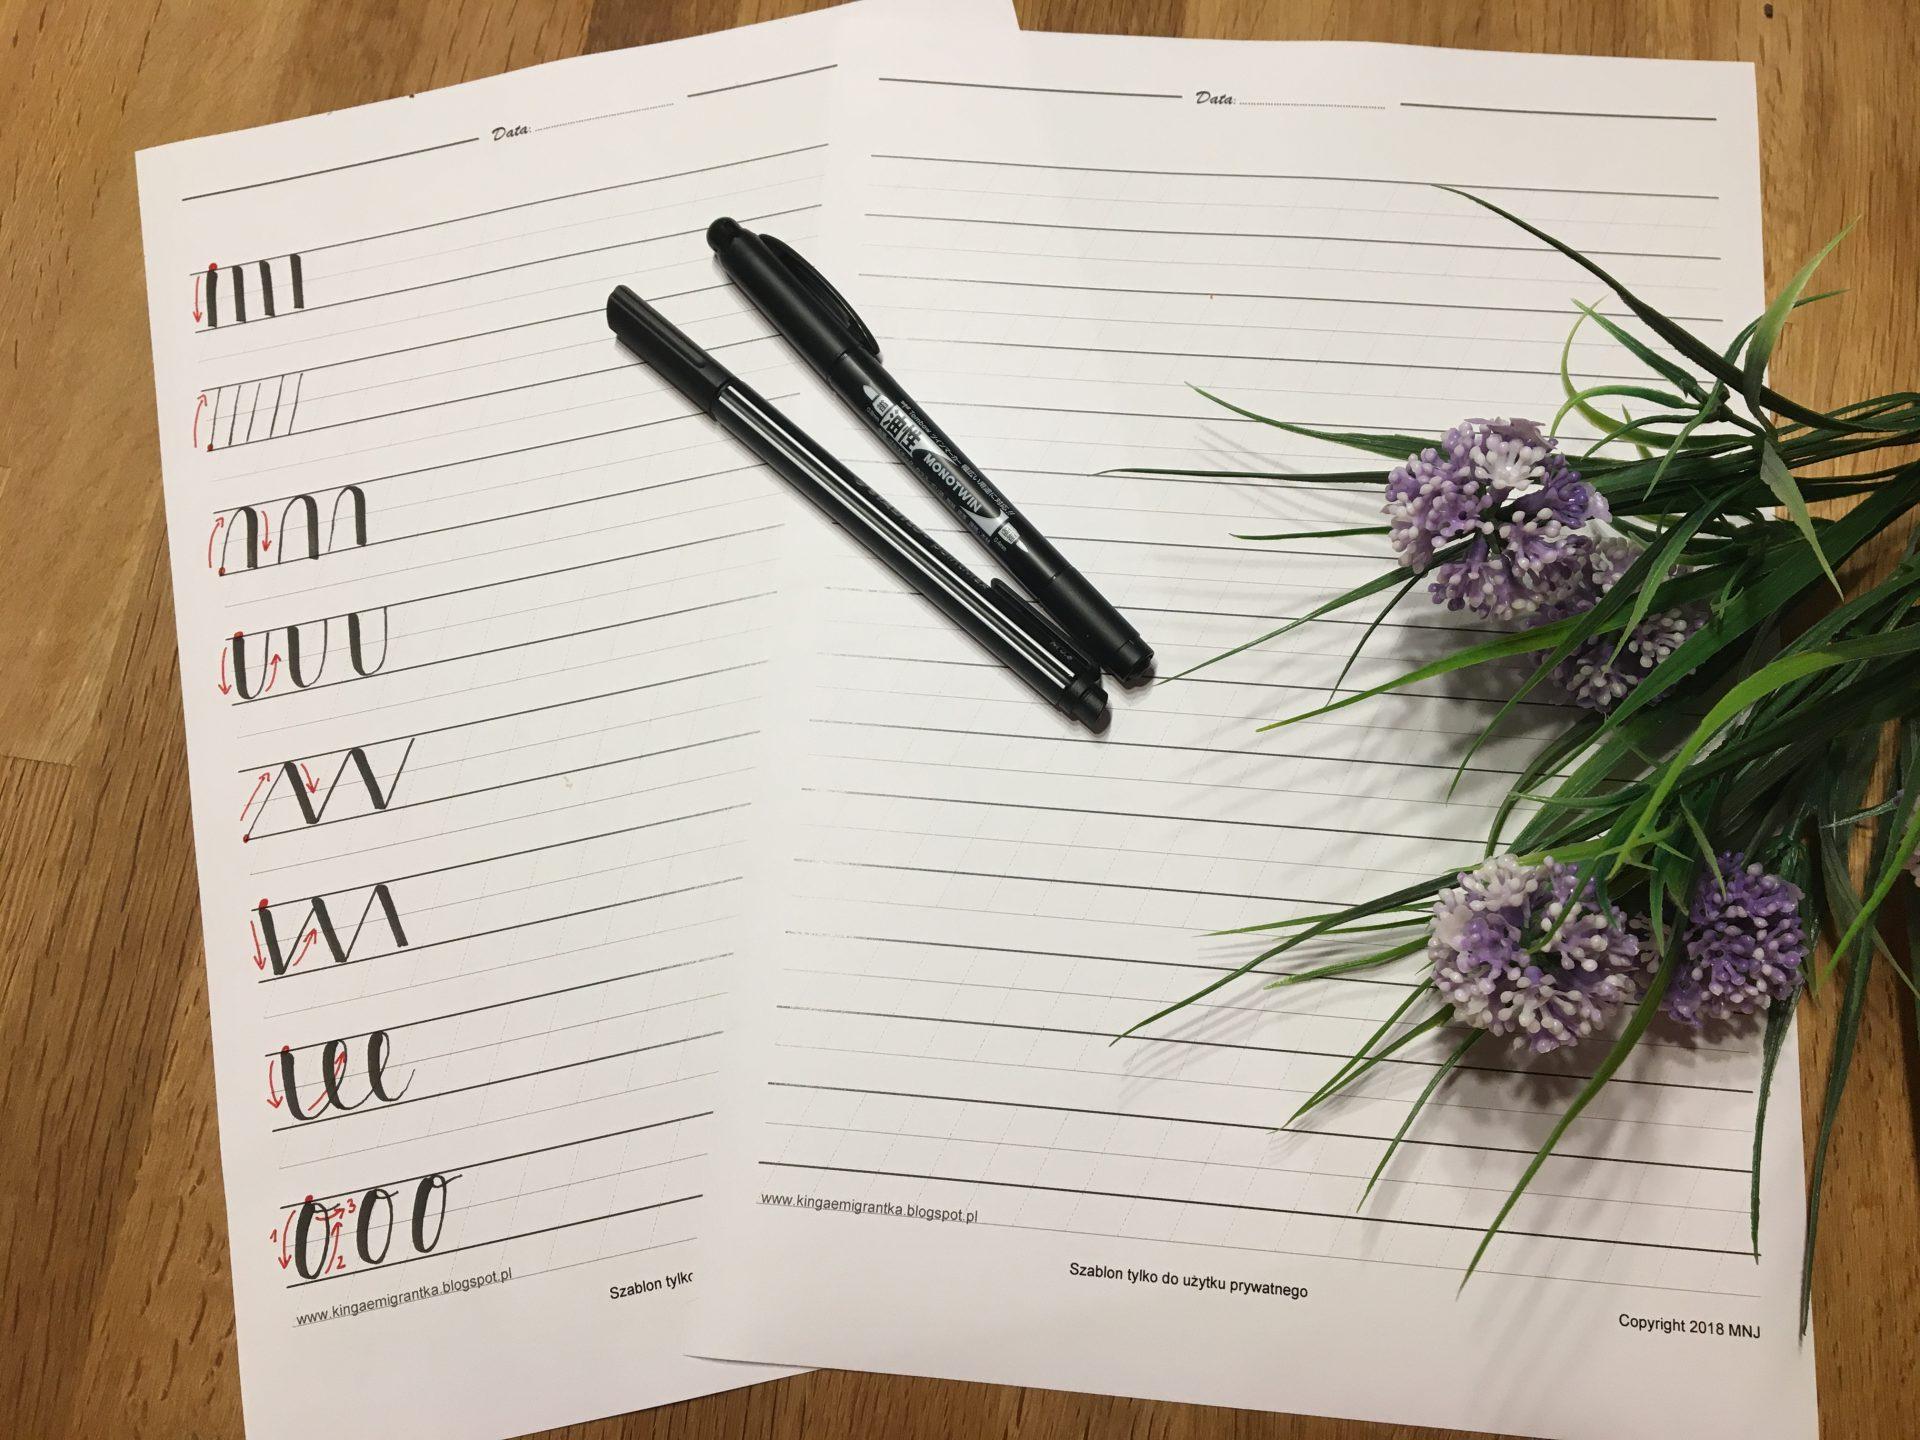 IMG 6146 - Darmowy przewodnik do brush letteringu. Rozgrzewka, alfabet i szablony do ściągnięcia za darmo